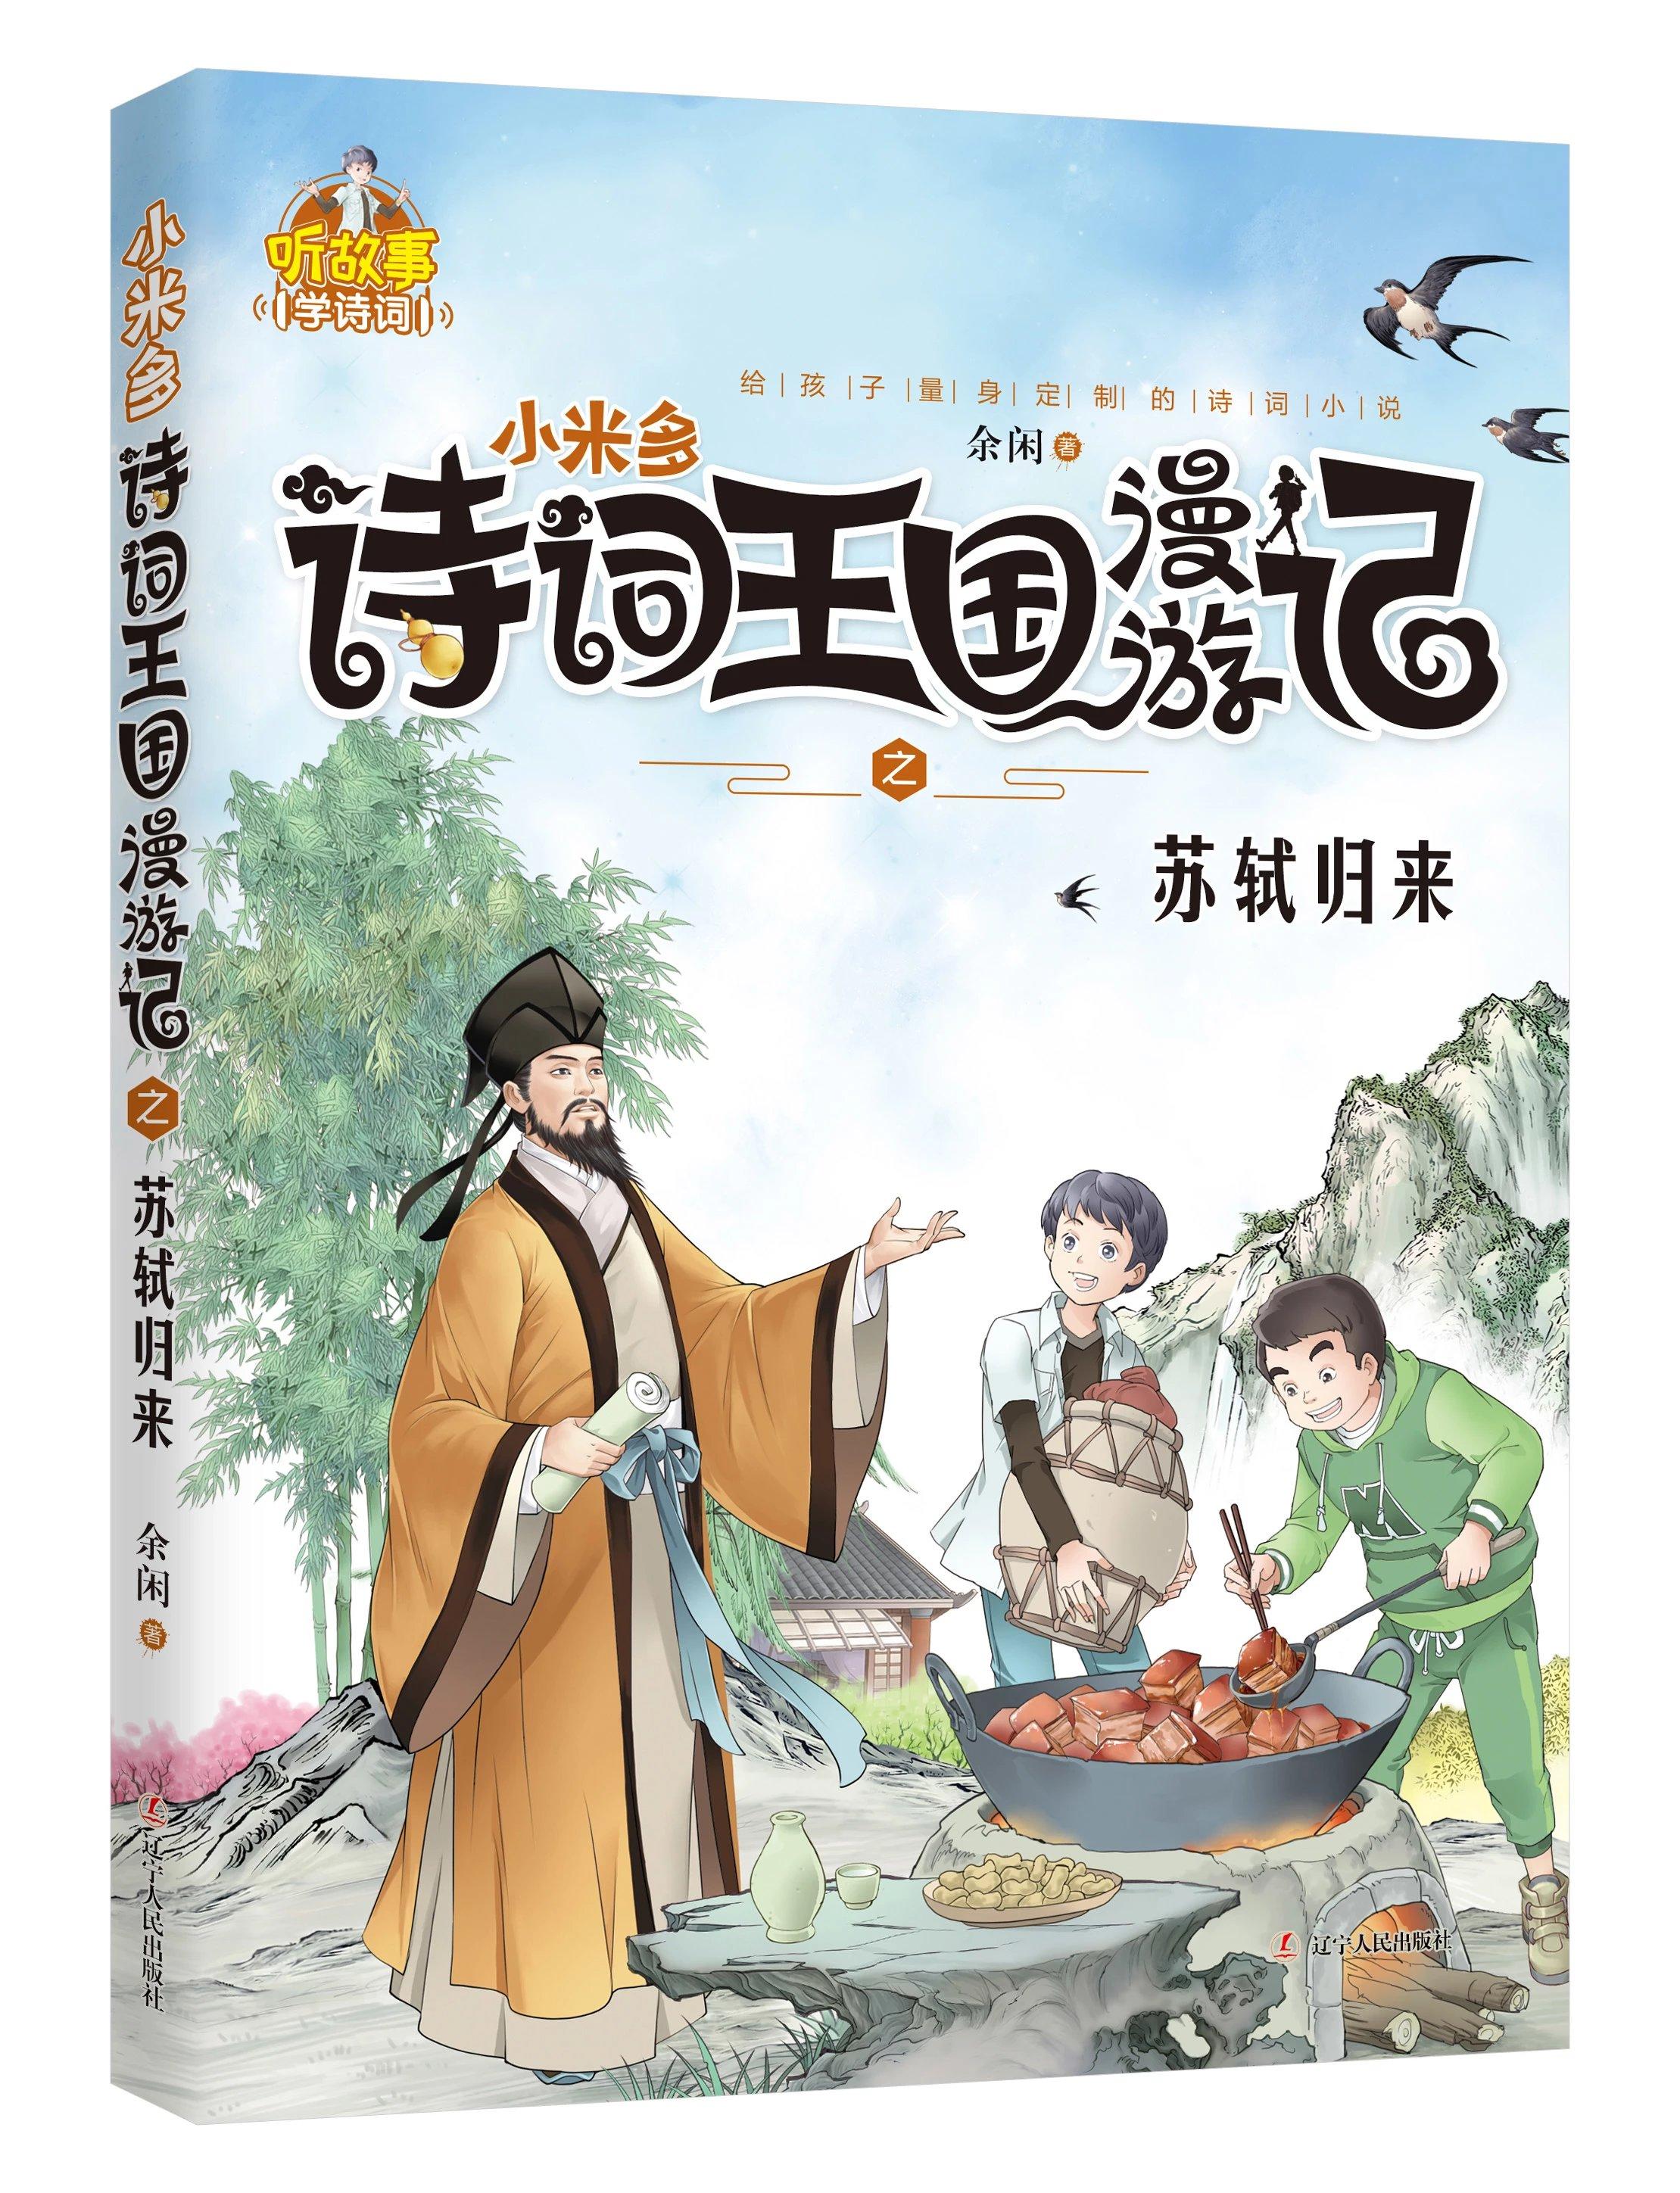 《小米多诗词王国漫游记》(共5册) 国内首部诗词儿童小说 适合6~13岁(3+可亲子阅读) 商品图6